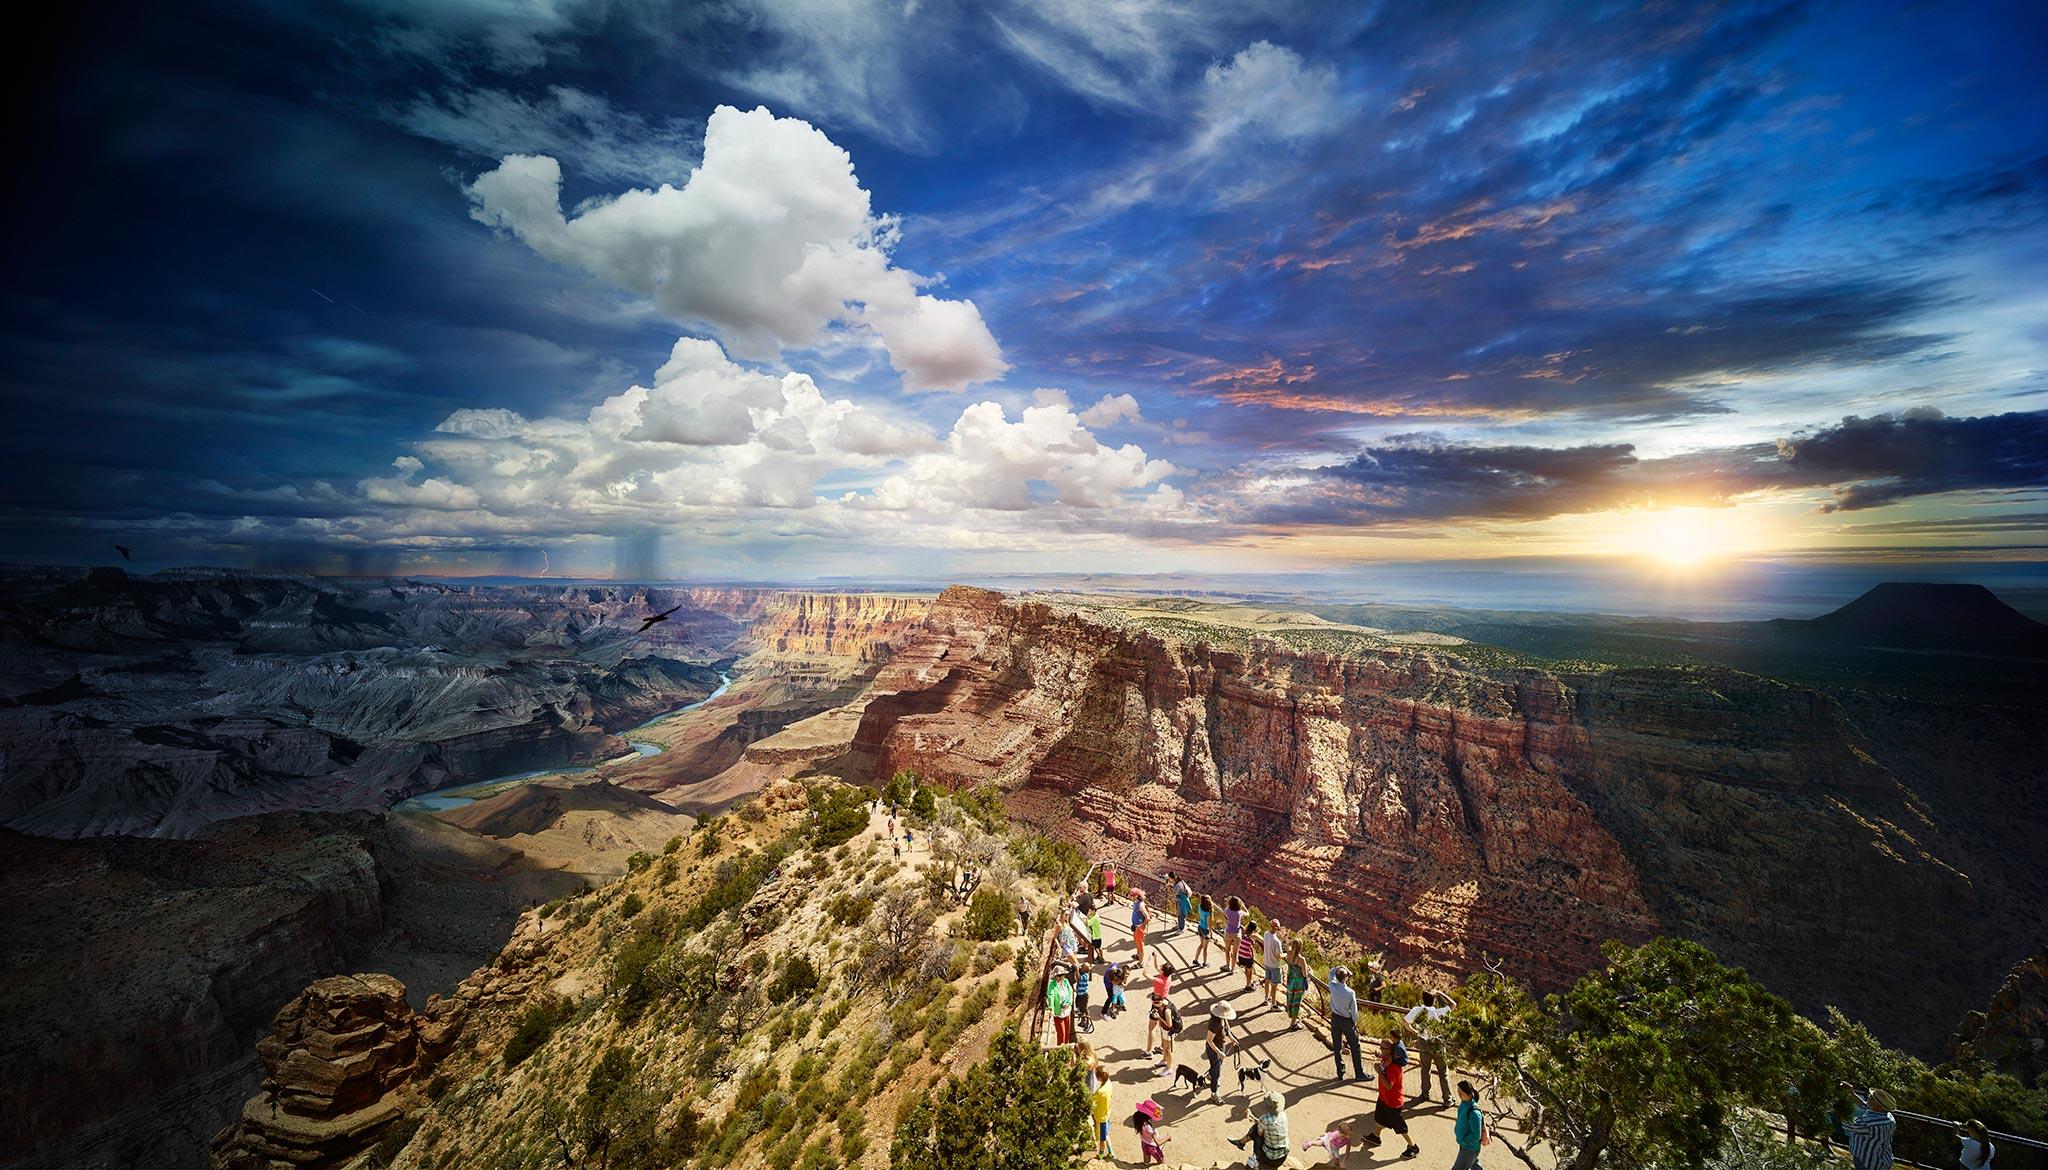 美国大峡谷国家公园_太行山大峡谷